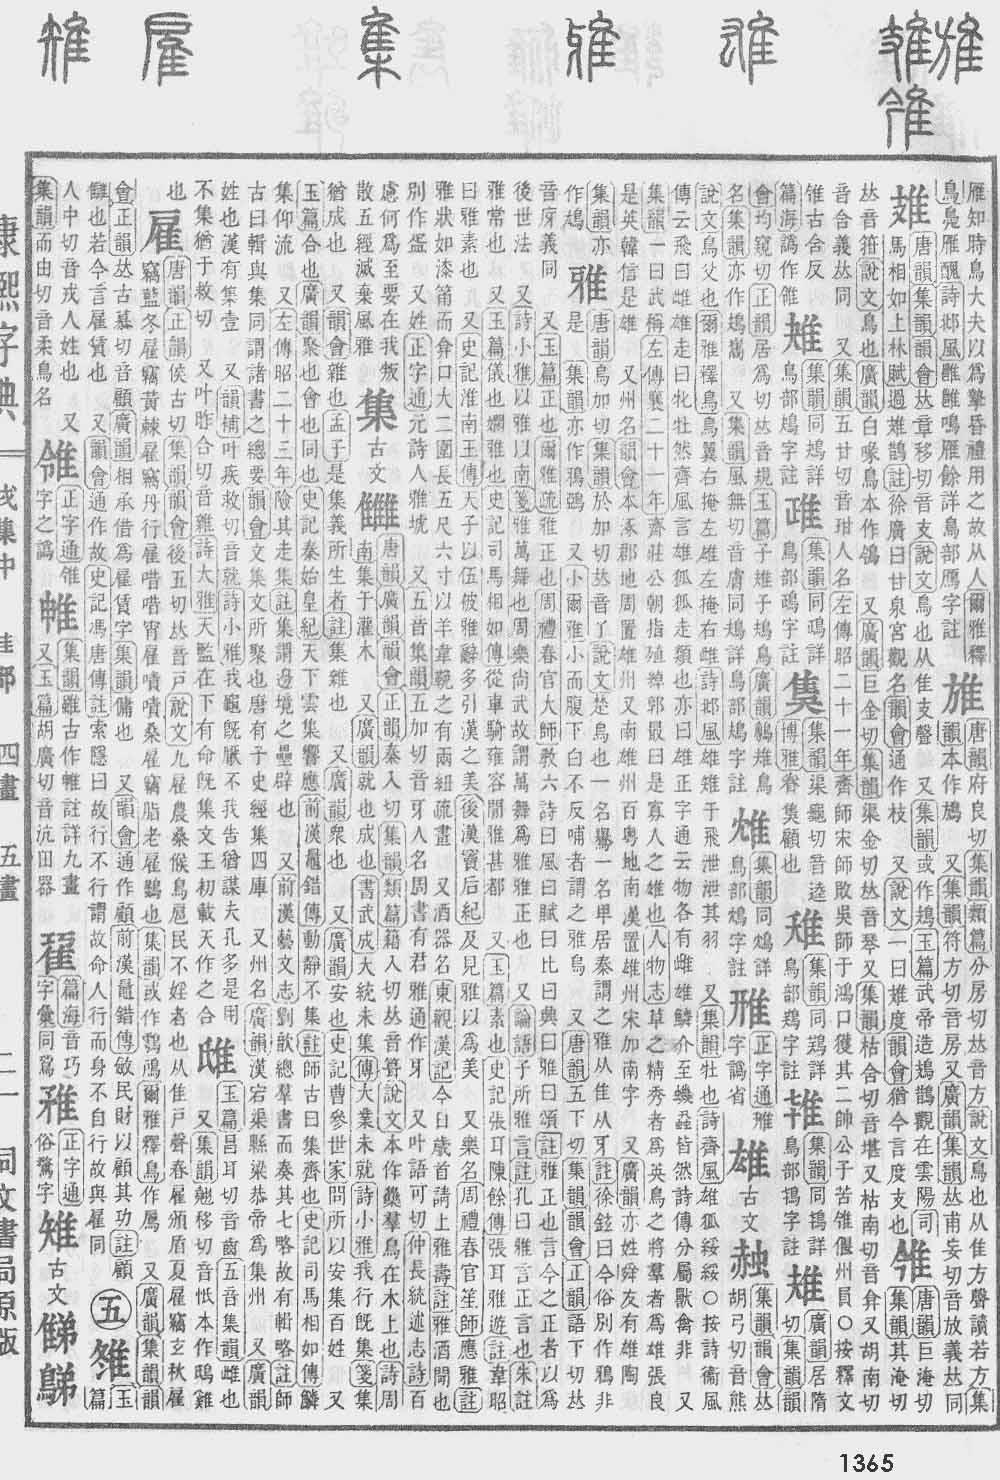 《康熙字典》第1365页